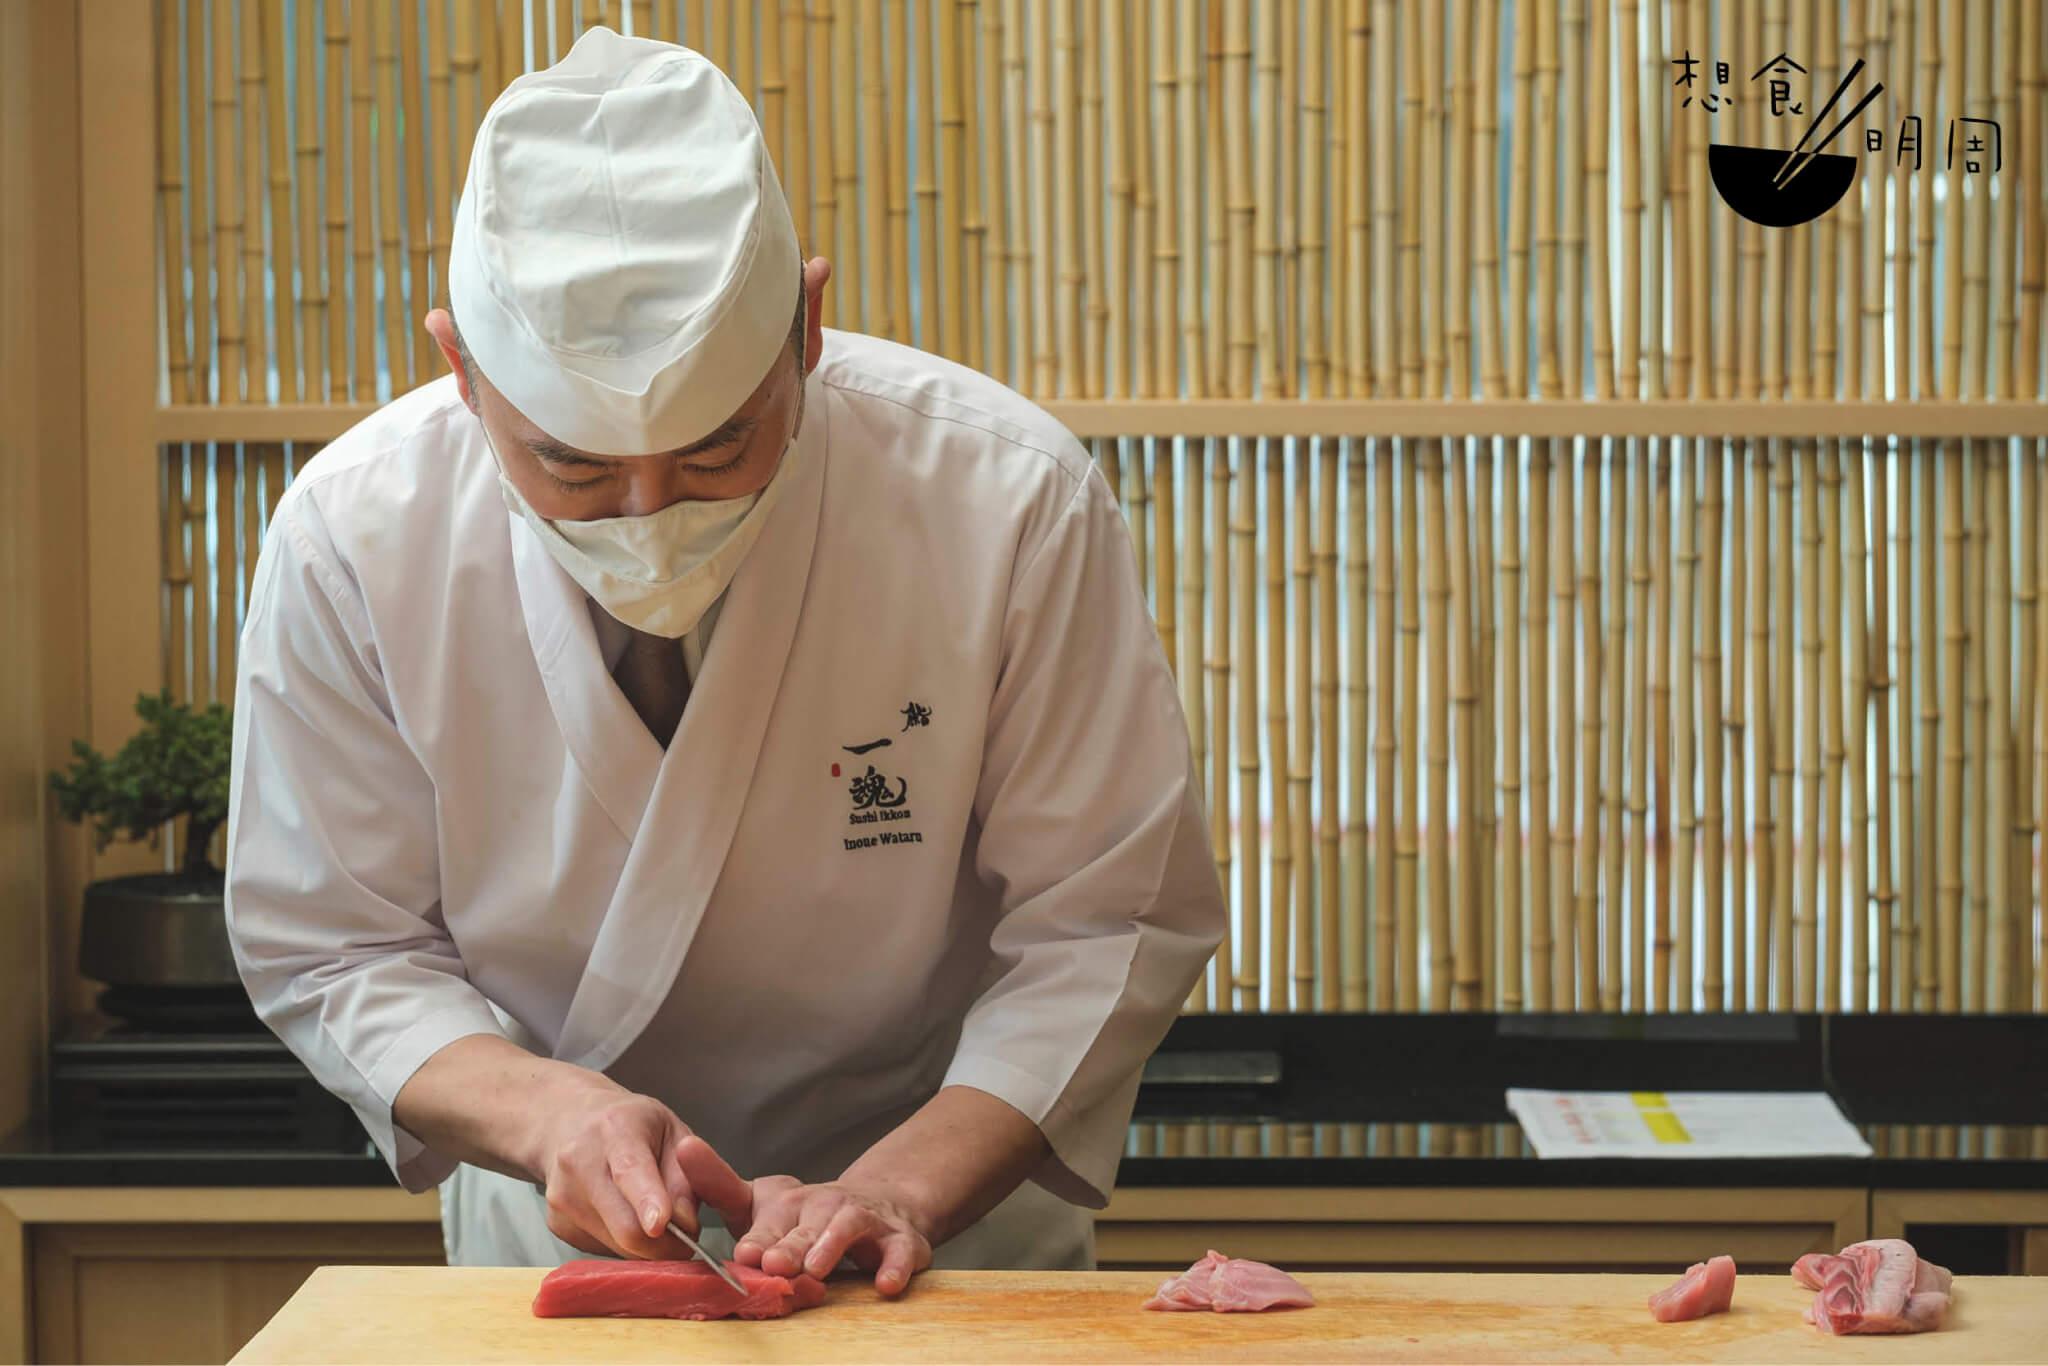 北海道吞拿魚被切下成赤身,醬油漬後再搓壓成壽司。大拖羅則以炭燒處理。